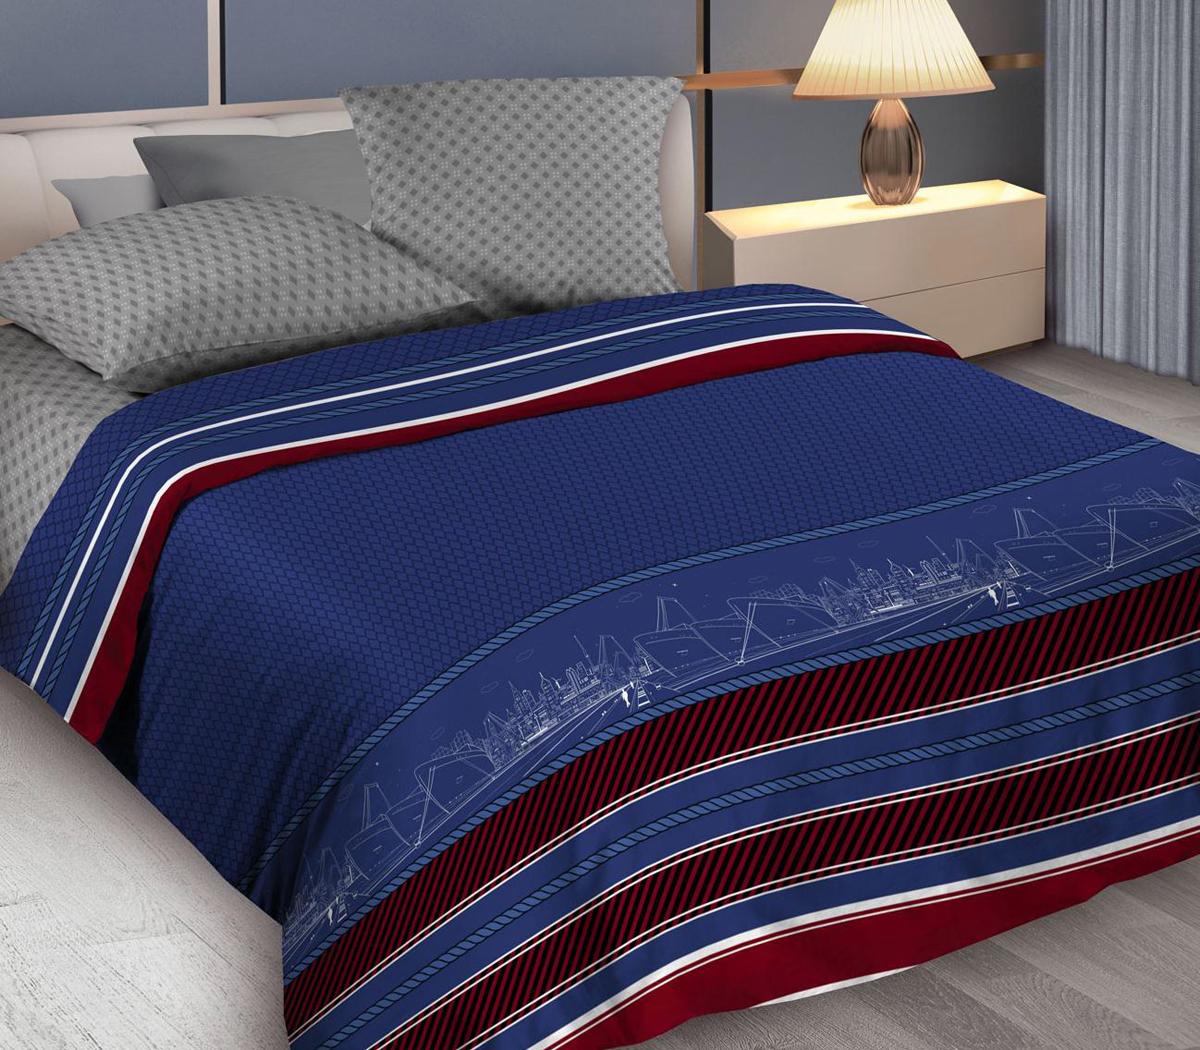 Комплект белья Wenge Belvedere, 2-спальный, наволочки 70x70, цвет: синий